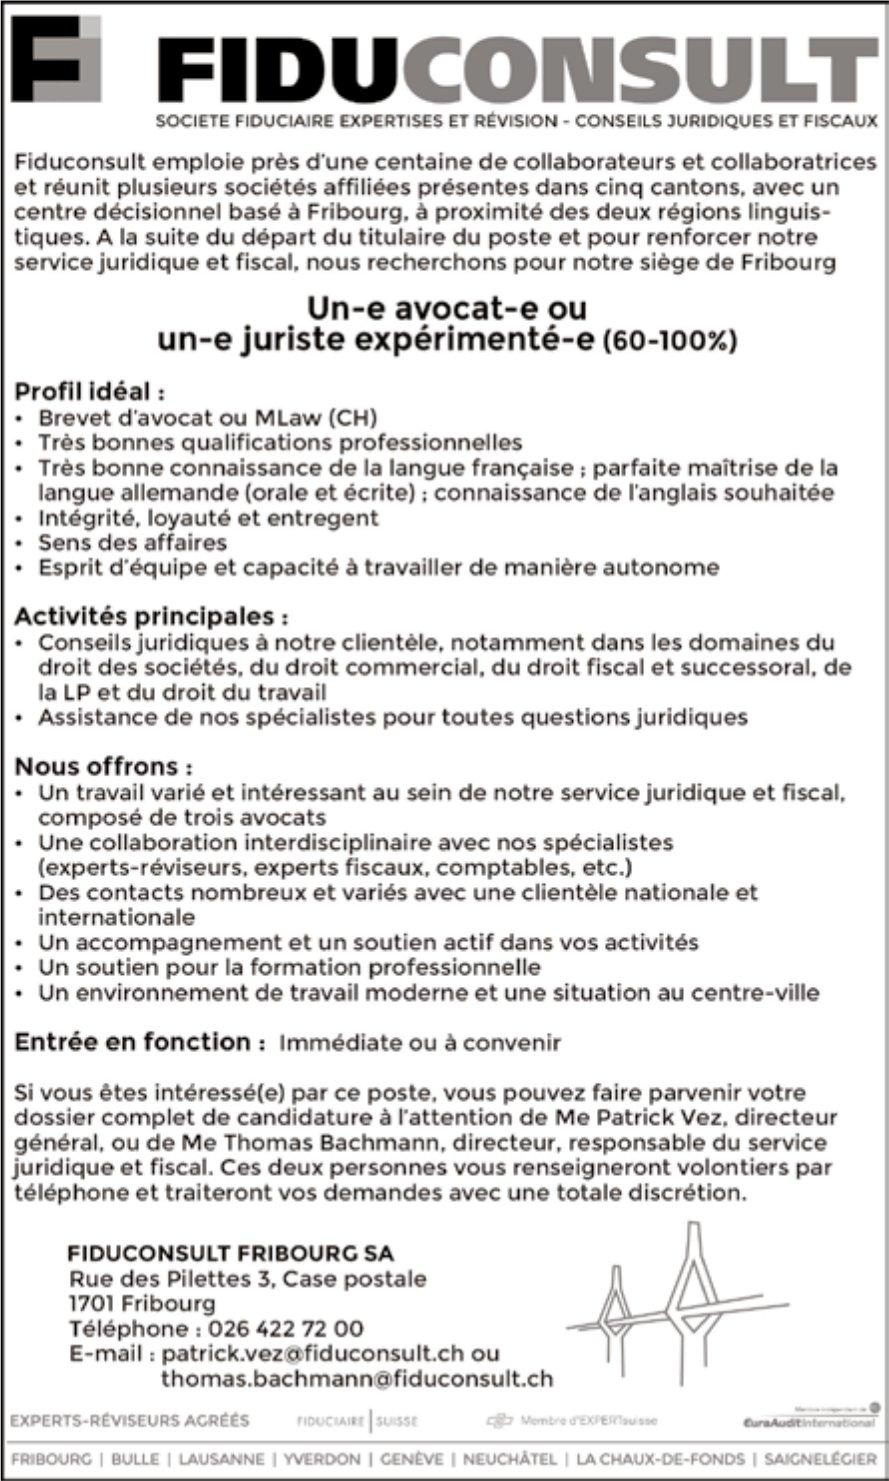 Un-e avocat-e ou un-e juriste experimente-e (60-100%), Fiduconsult SA, Fribourg, rechercher